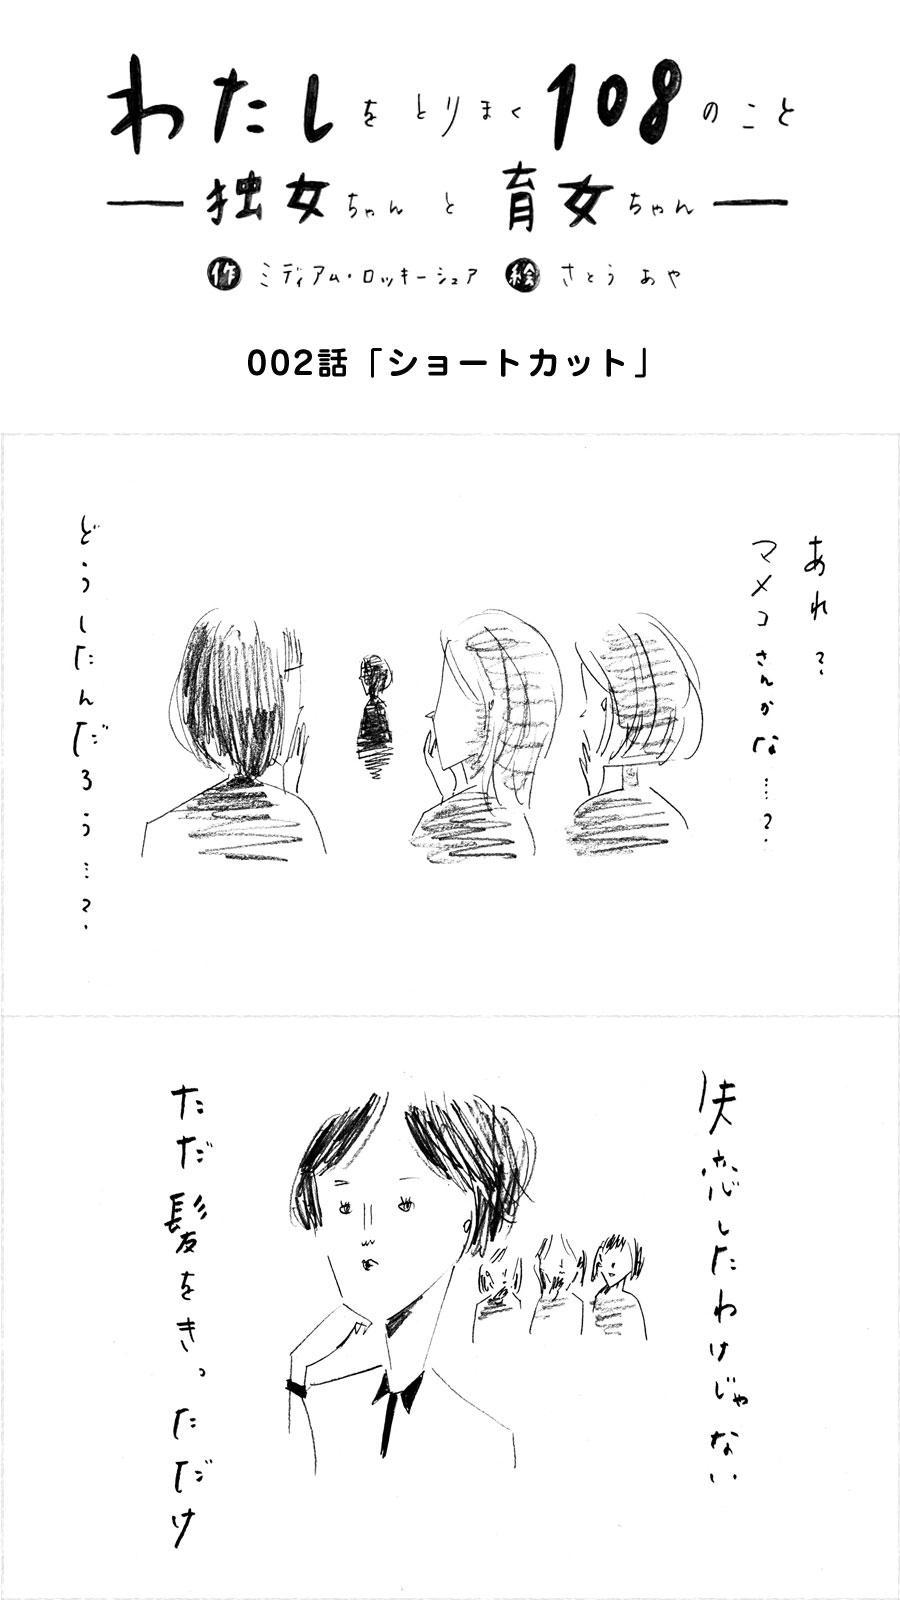 002_独女ちゃん_ショートカット_002_100